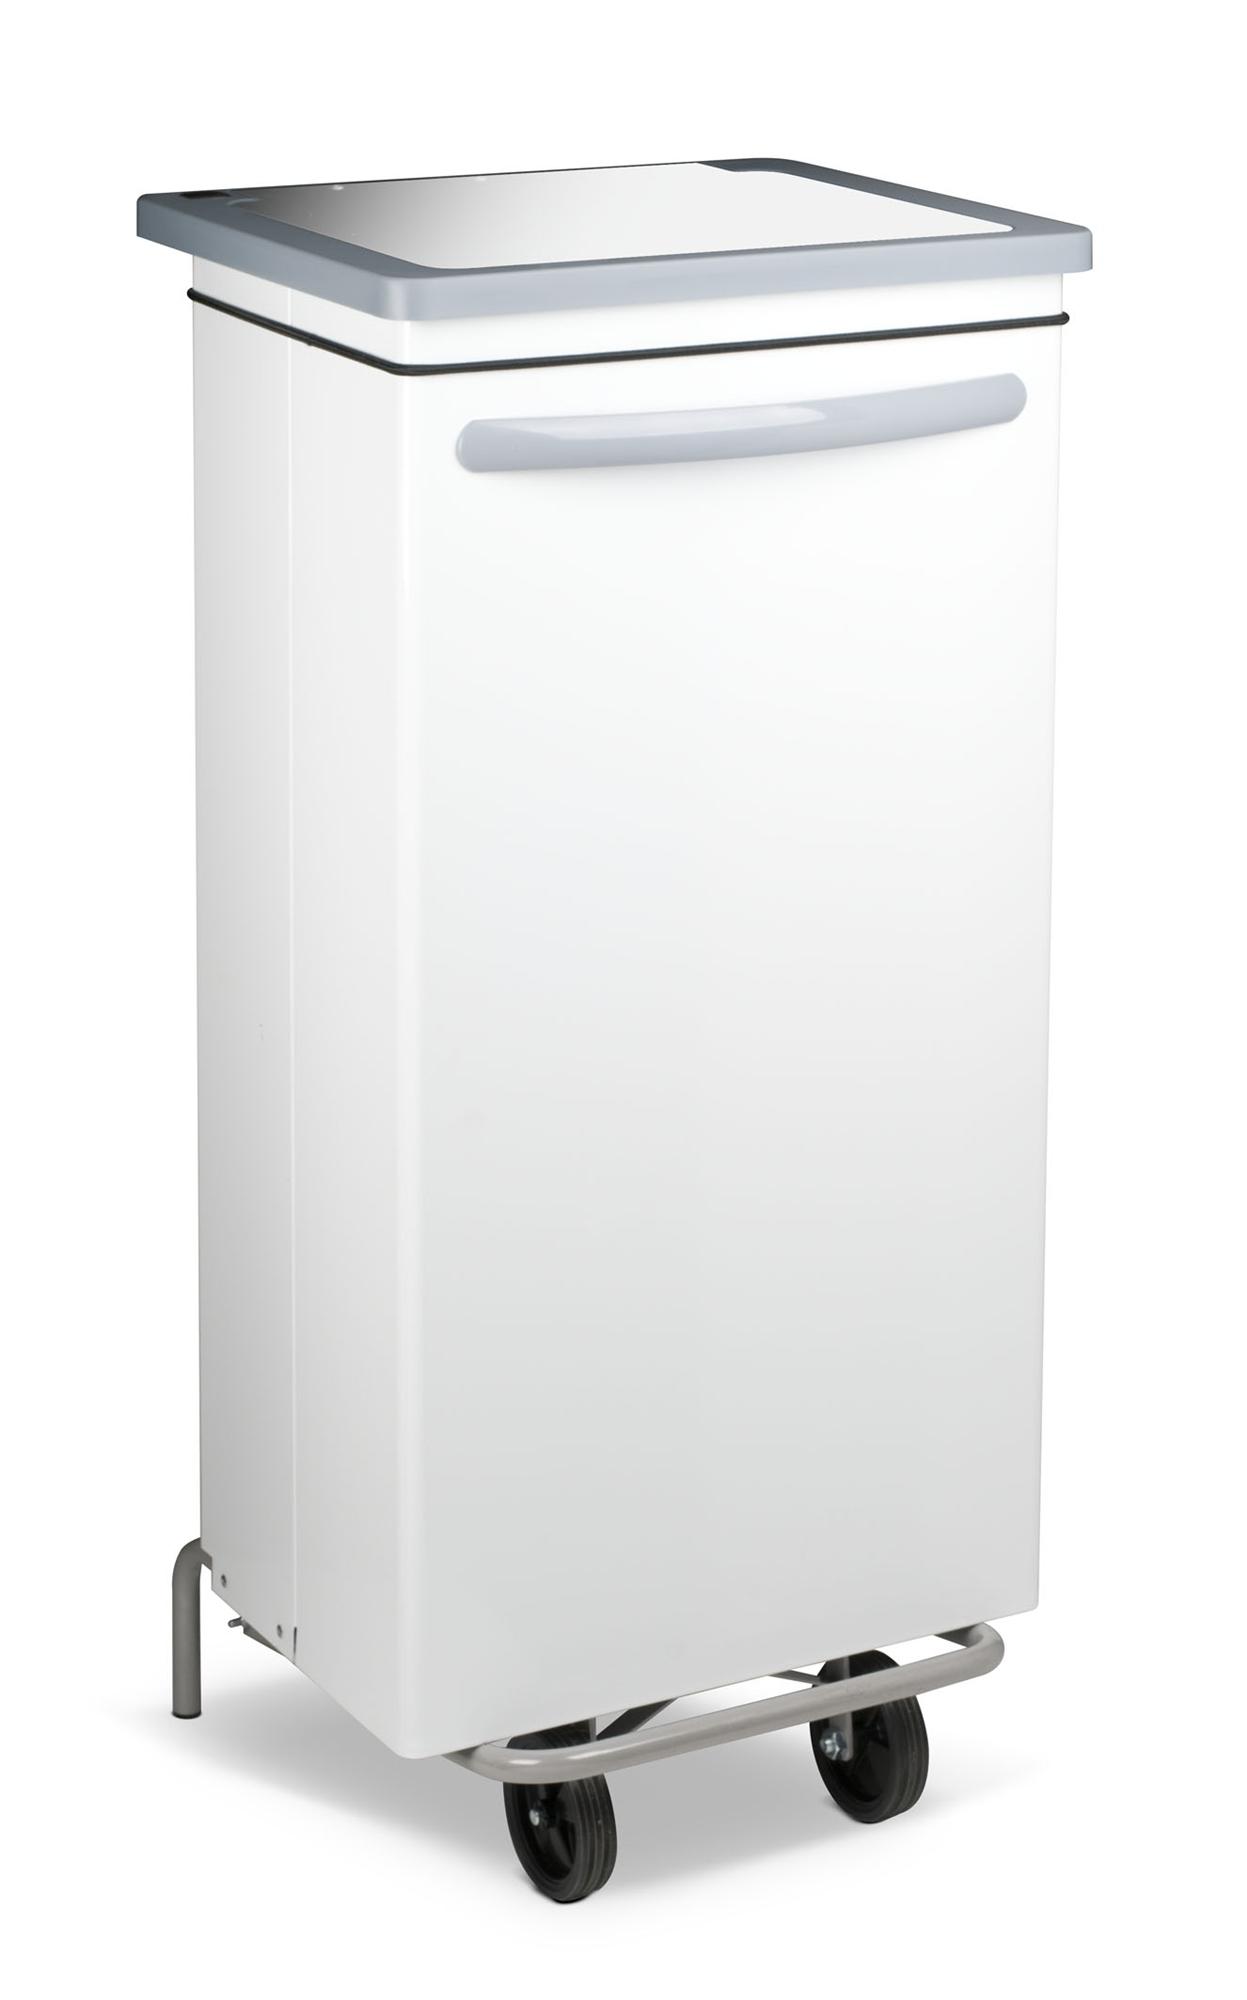 Poubelle cuisine blanche haccp car n e 100 litres - Poubelle de cuisine automatique 30 litres ...